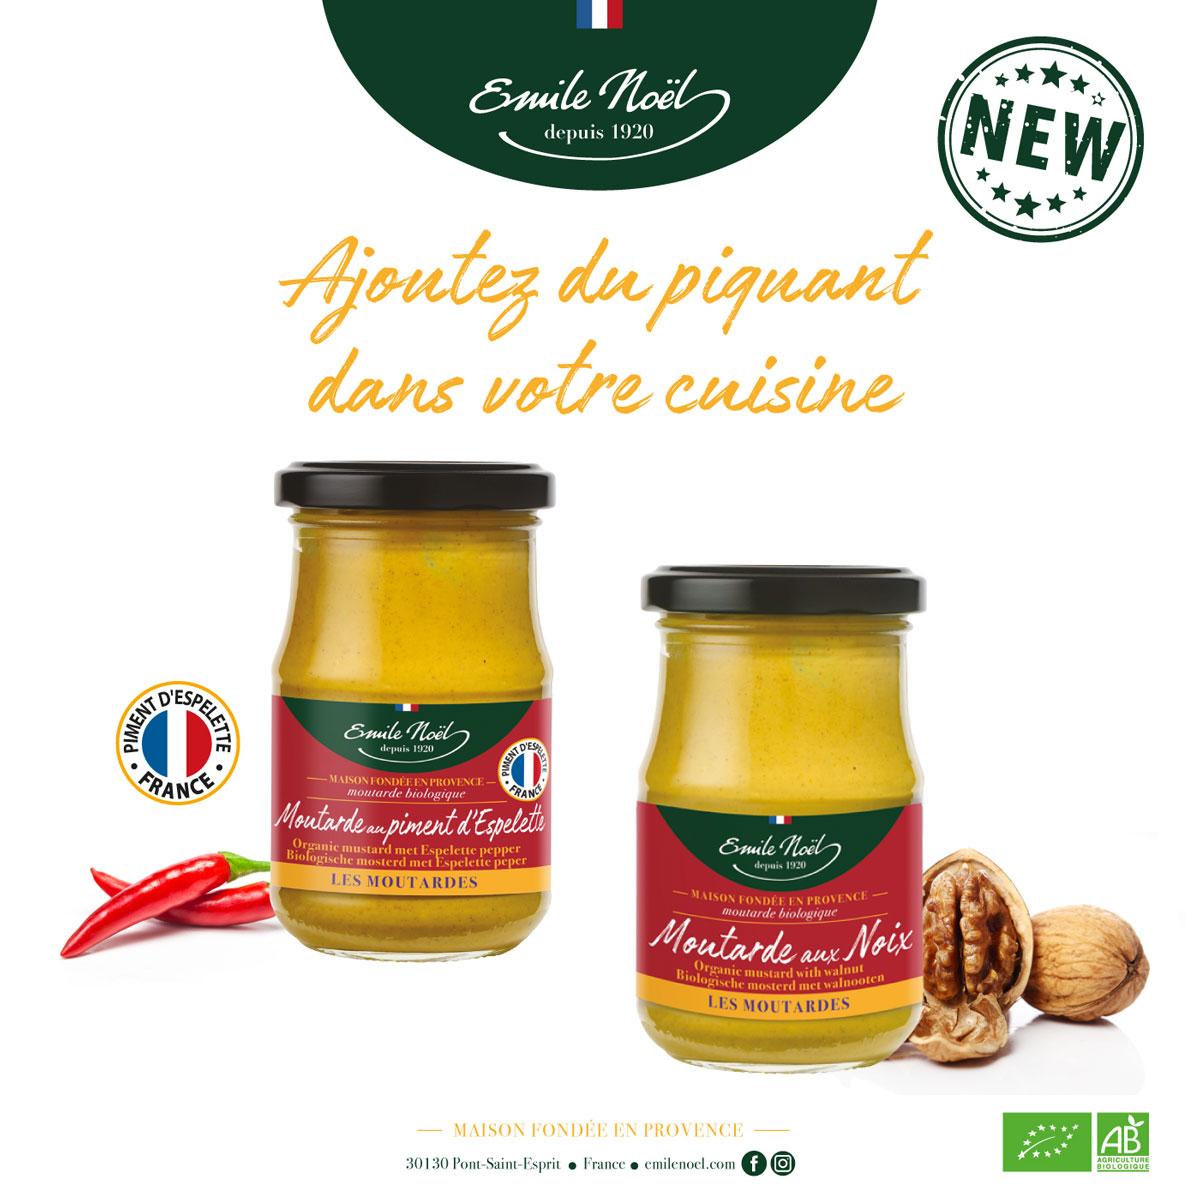 actualité nouvelles moutardes Emile Noël